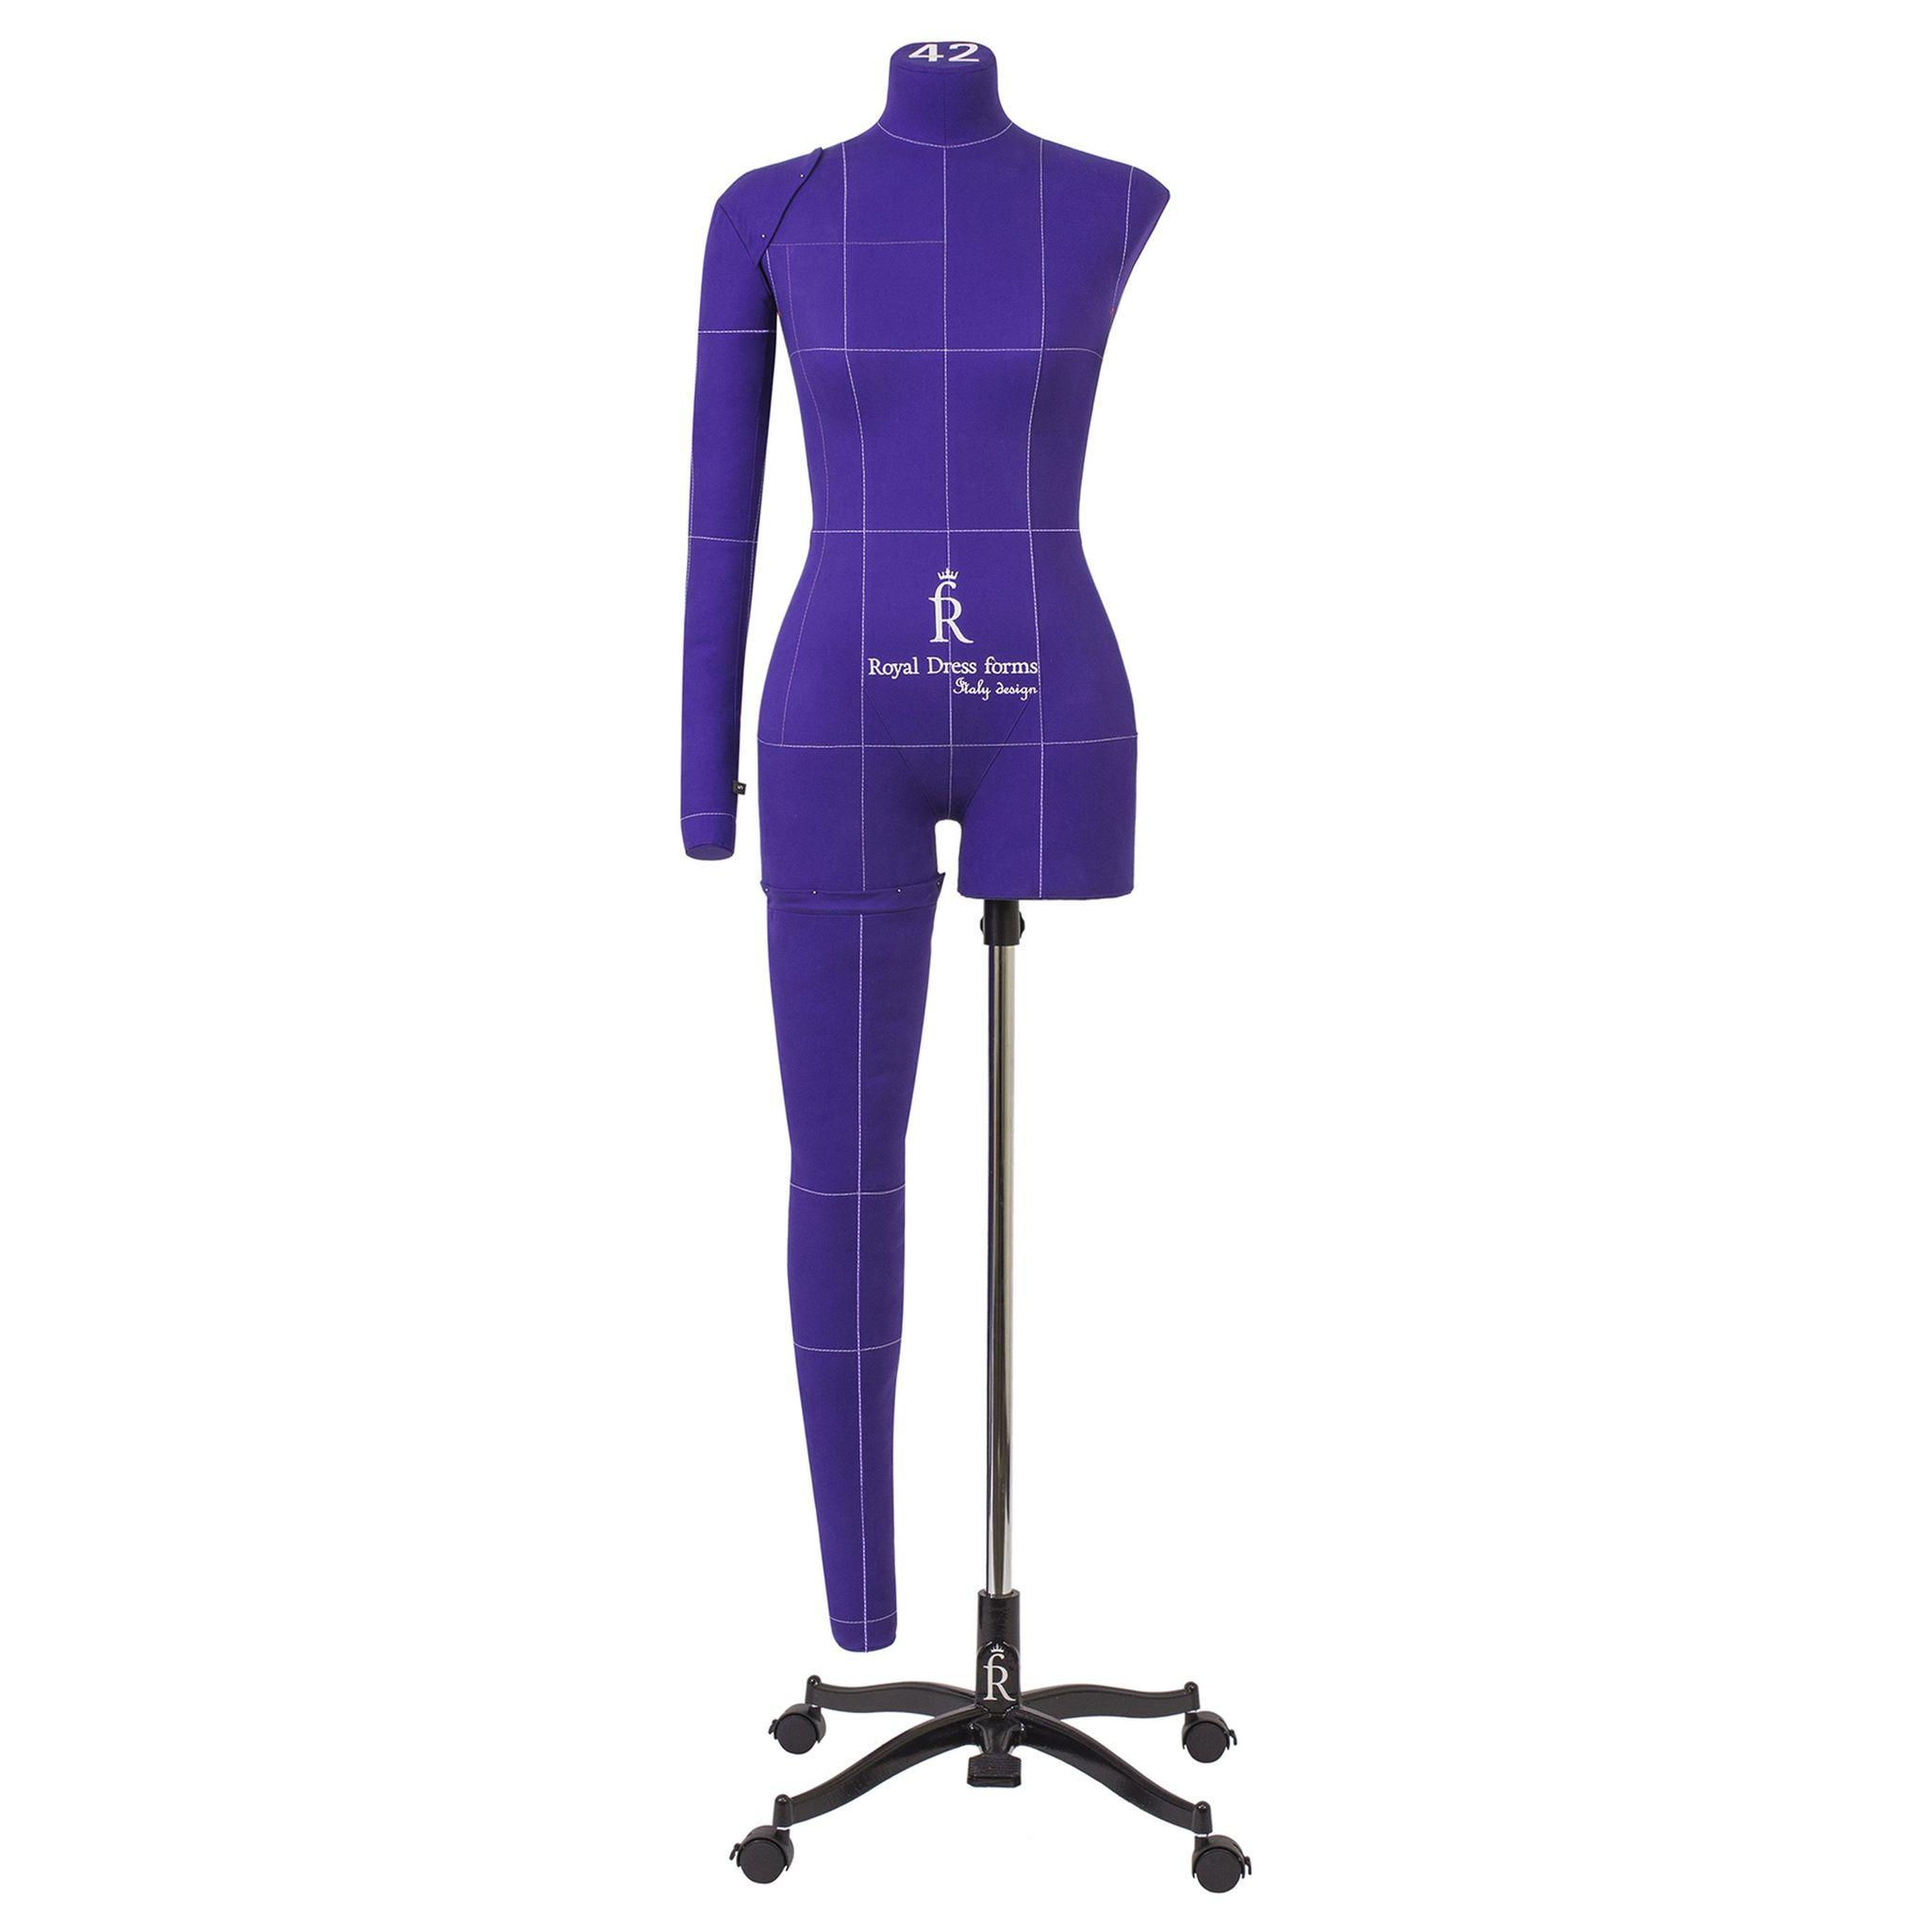 Манекен портновский Моника Арт, фиолетовый, 54 размер